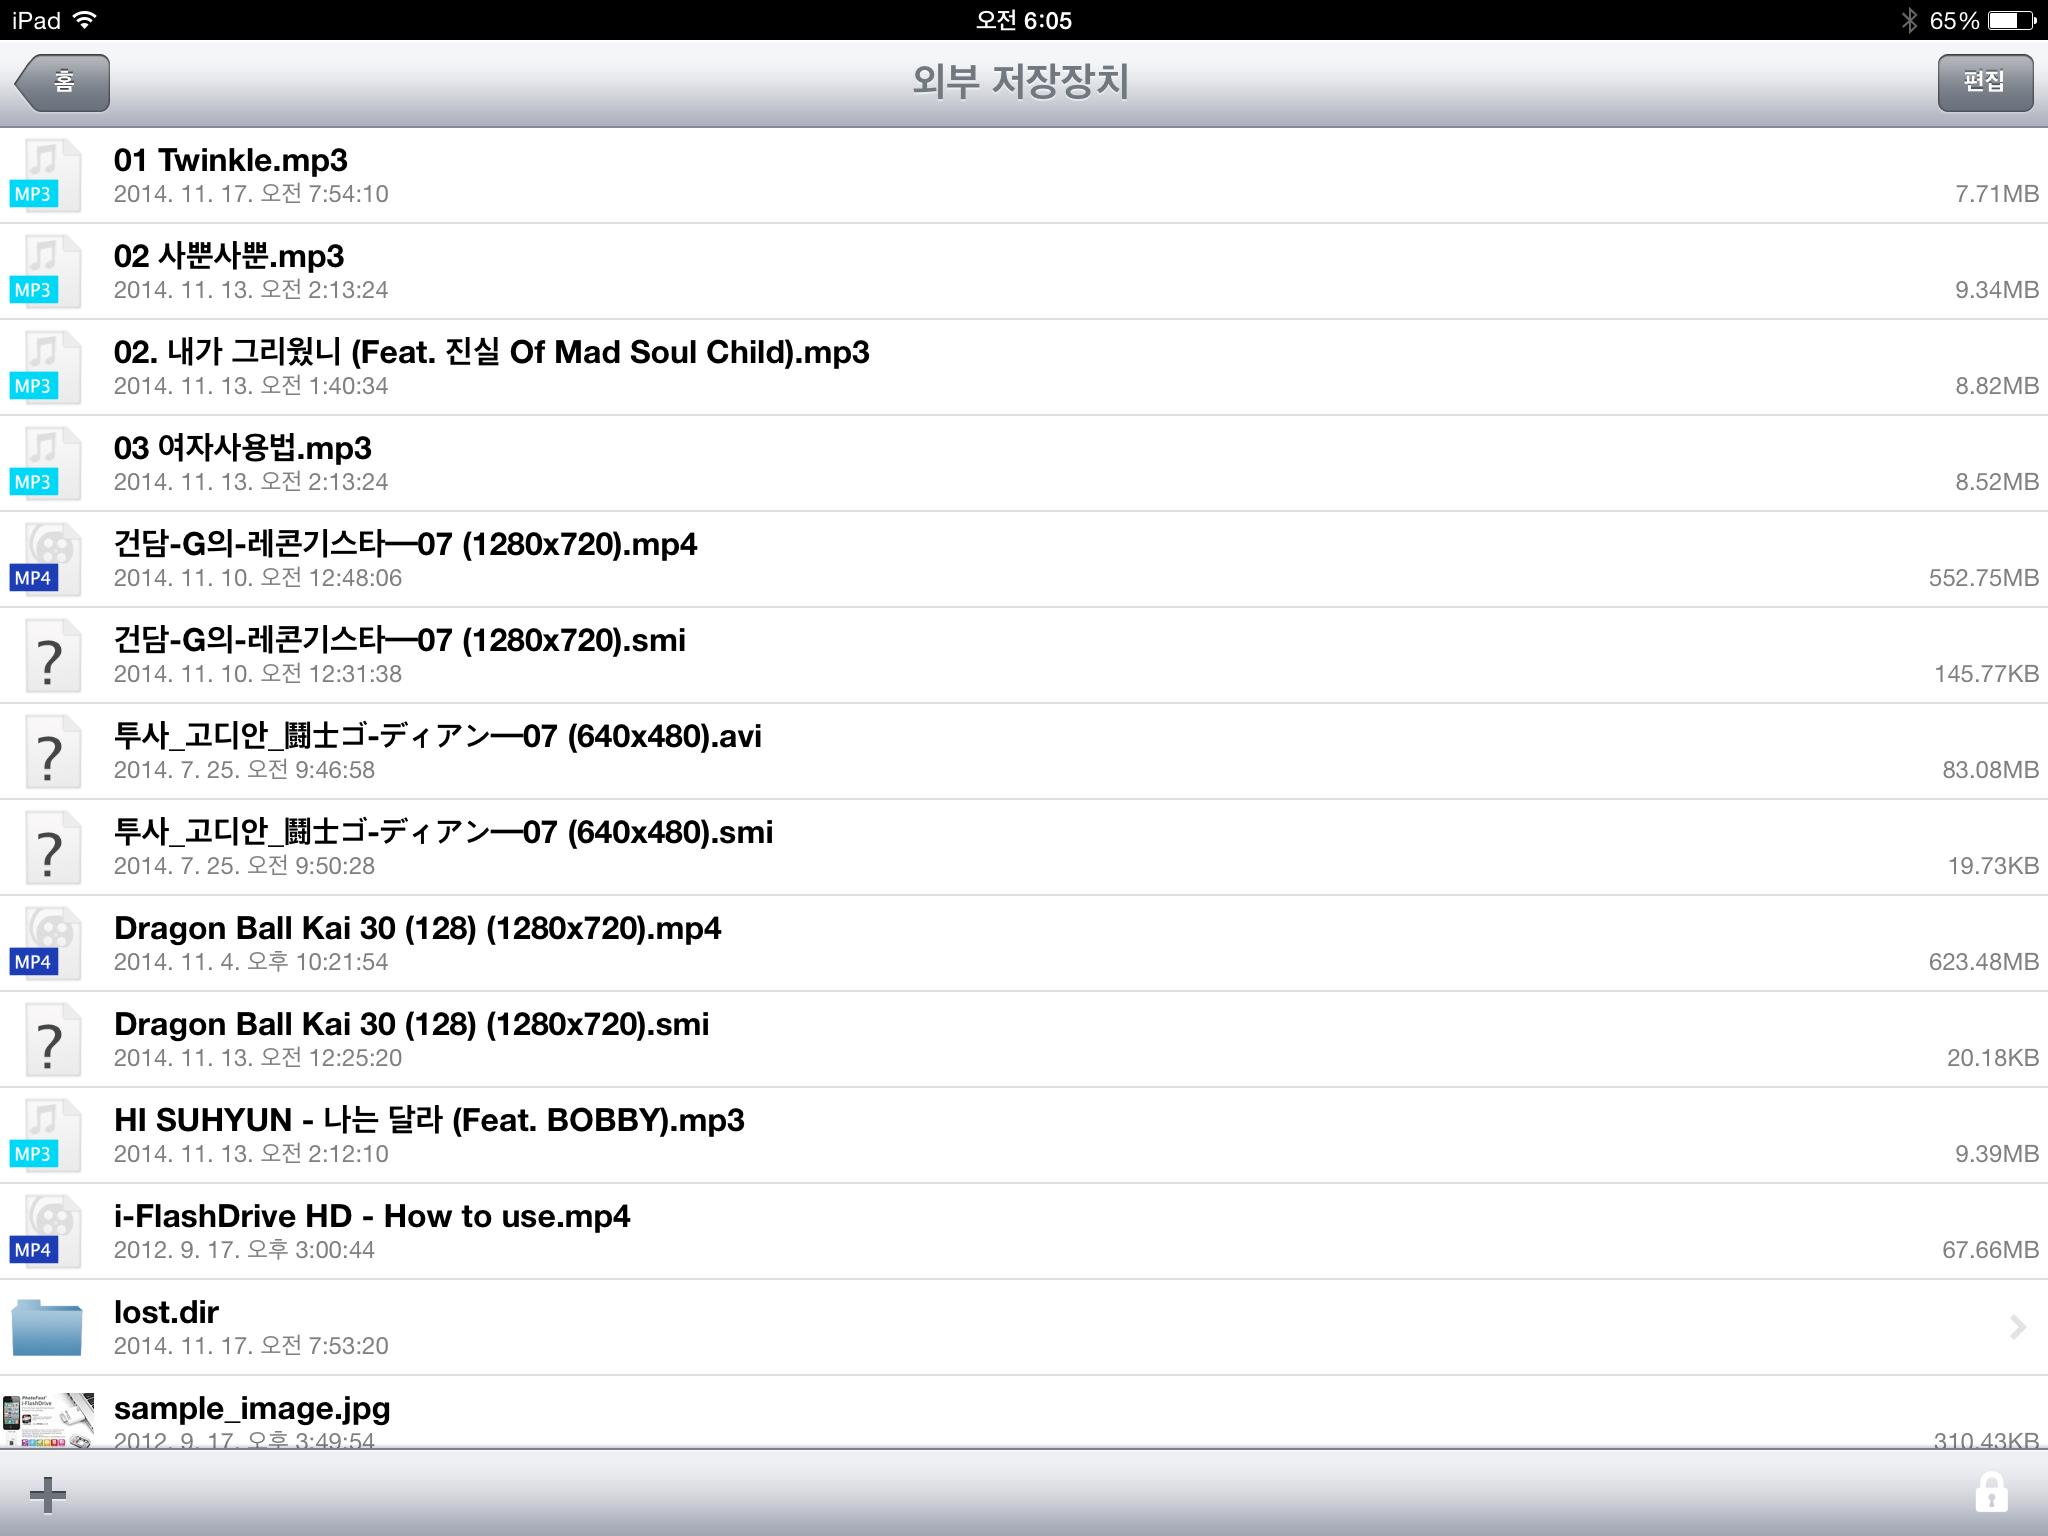 애플 iOS용 & 안드로이드 USB OTG 피노컴 I-FLASHDRIVE 애플OTG 안드로이드OTG -37-3.PNG